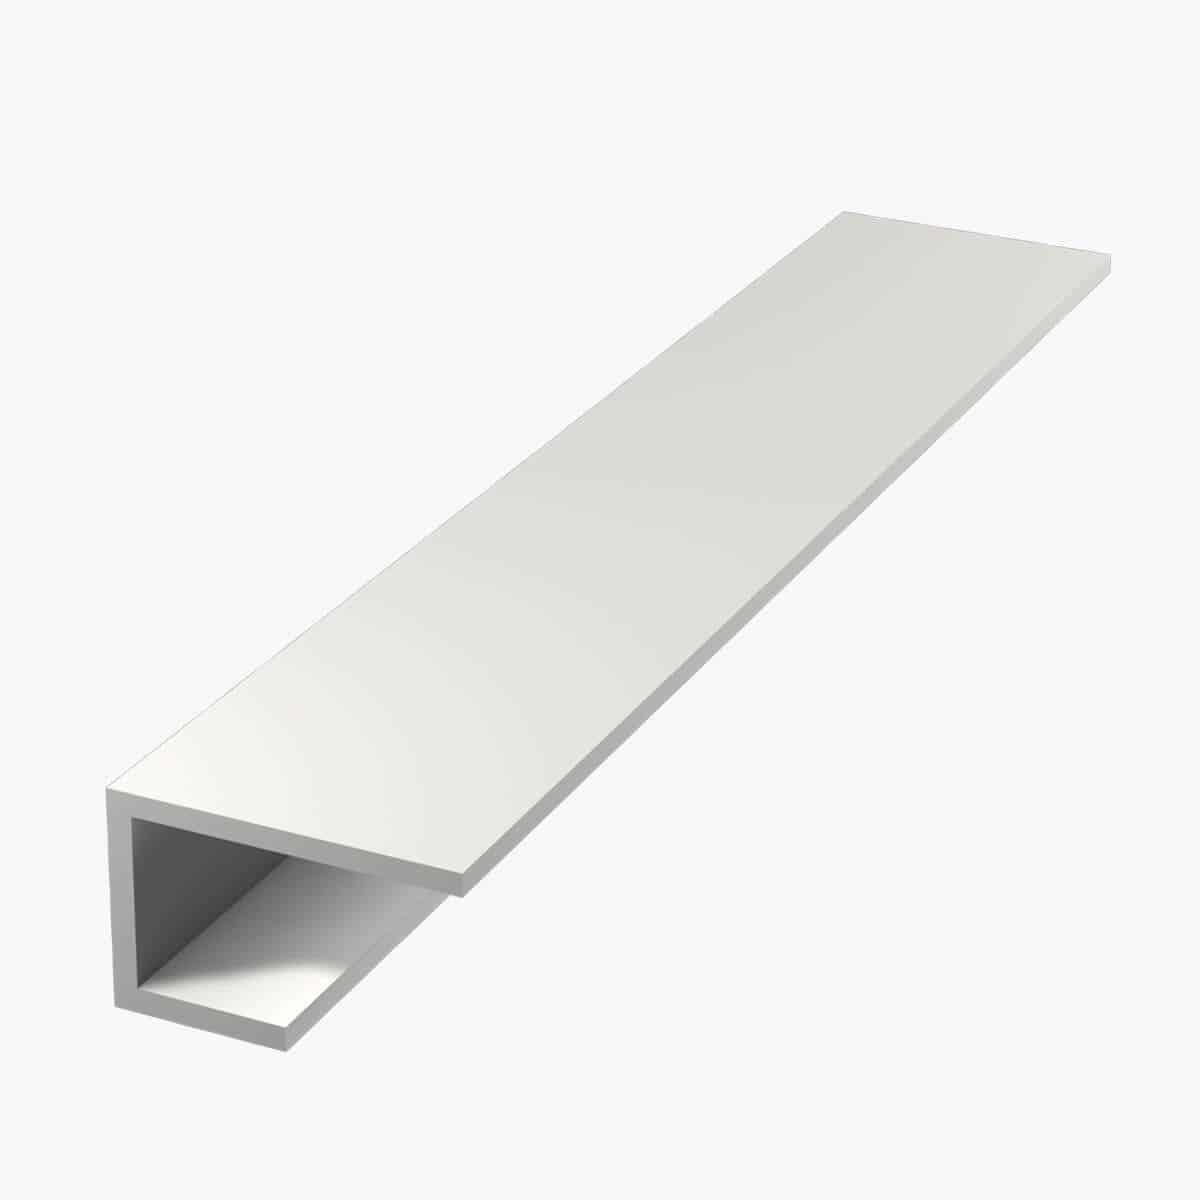 TEMPOLISTEL 116 - Profilé U plaque de plâtre